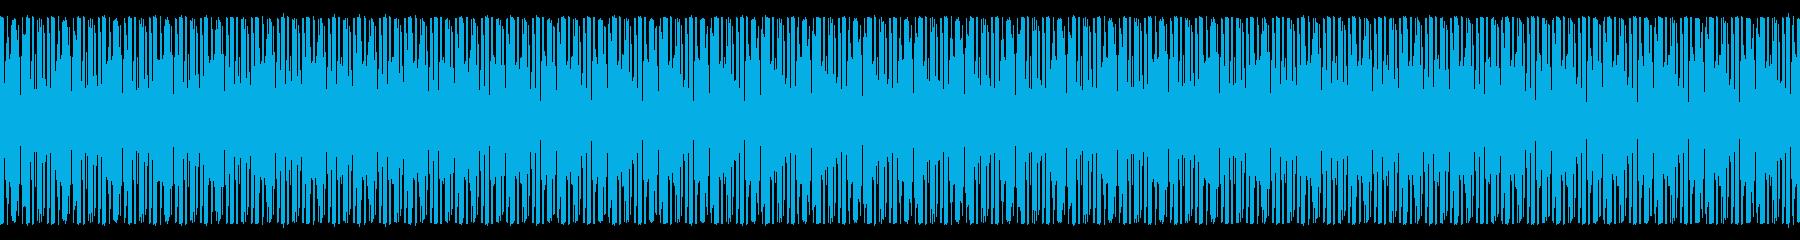 NES レースゲーム01-2(エンジンの再生済みの波形